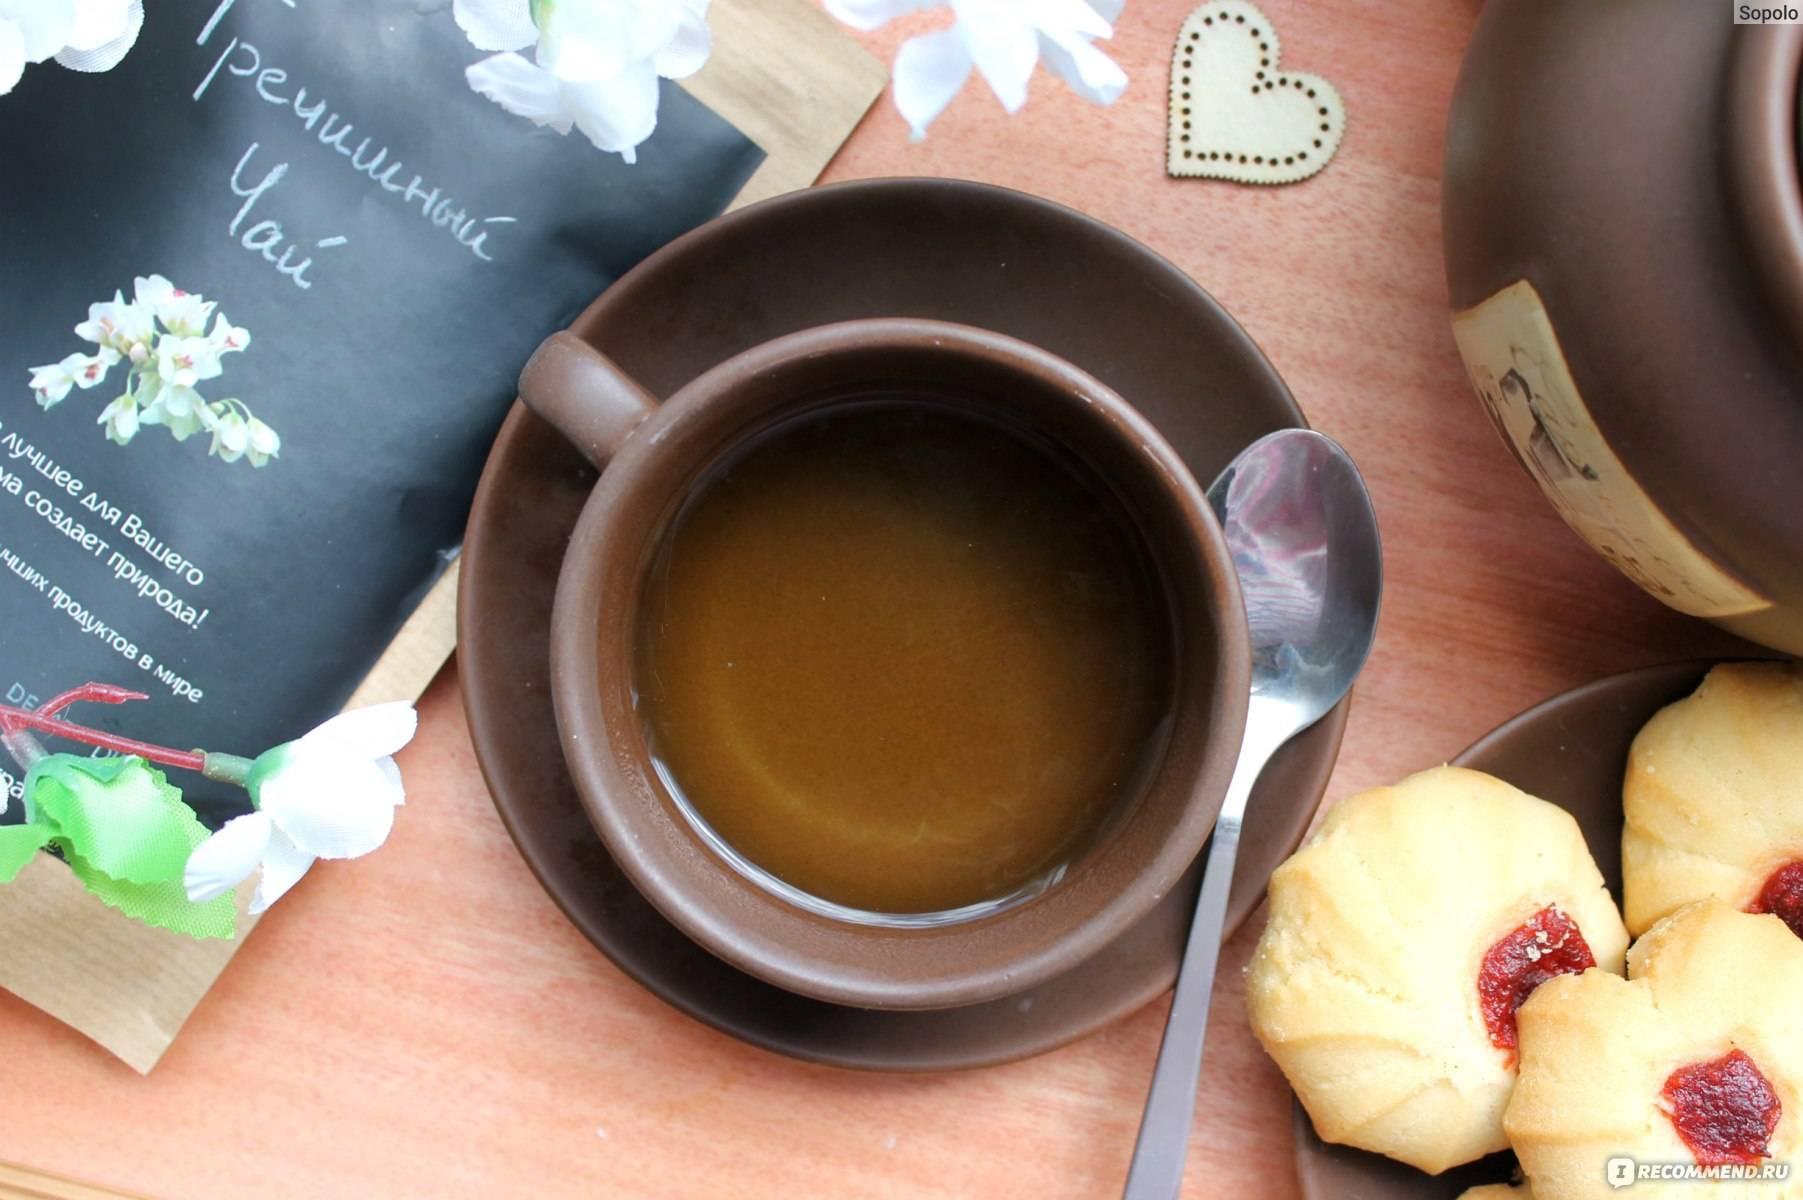 Гречишный чай: отзывы, свойства, польза и вред, как заваривать